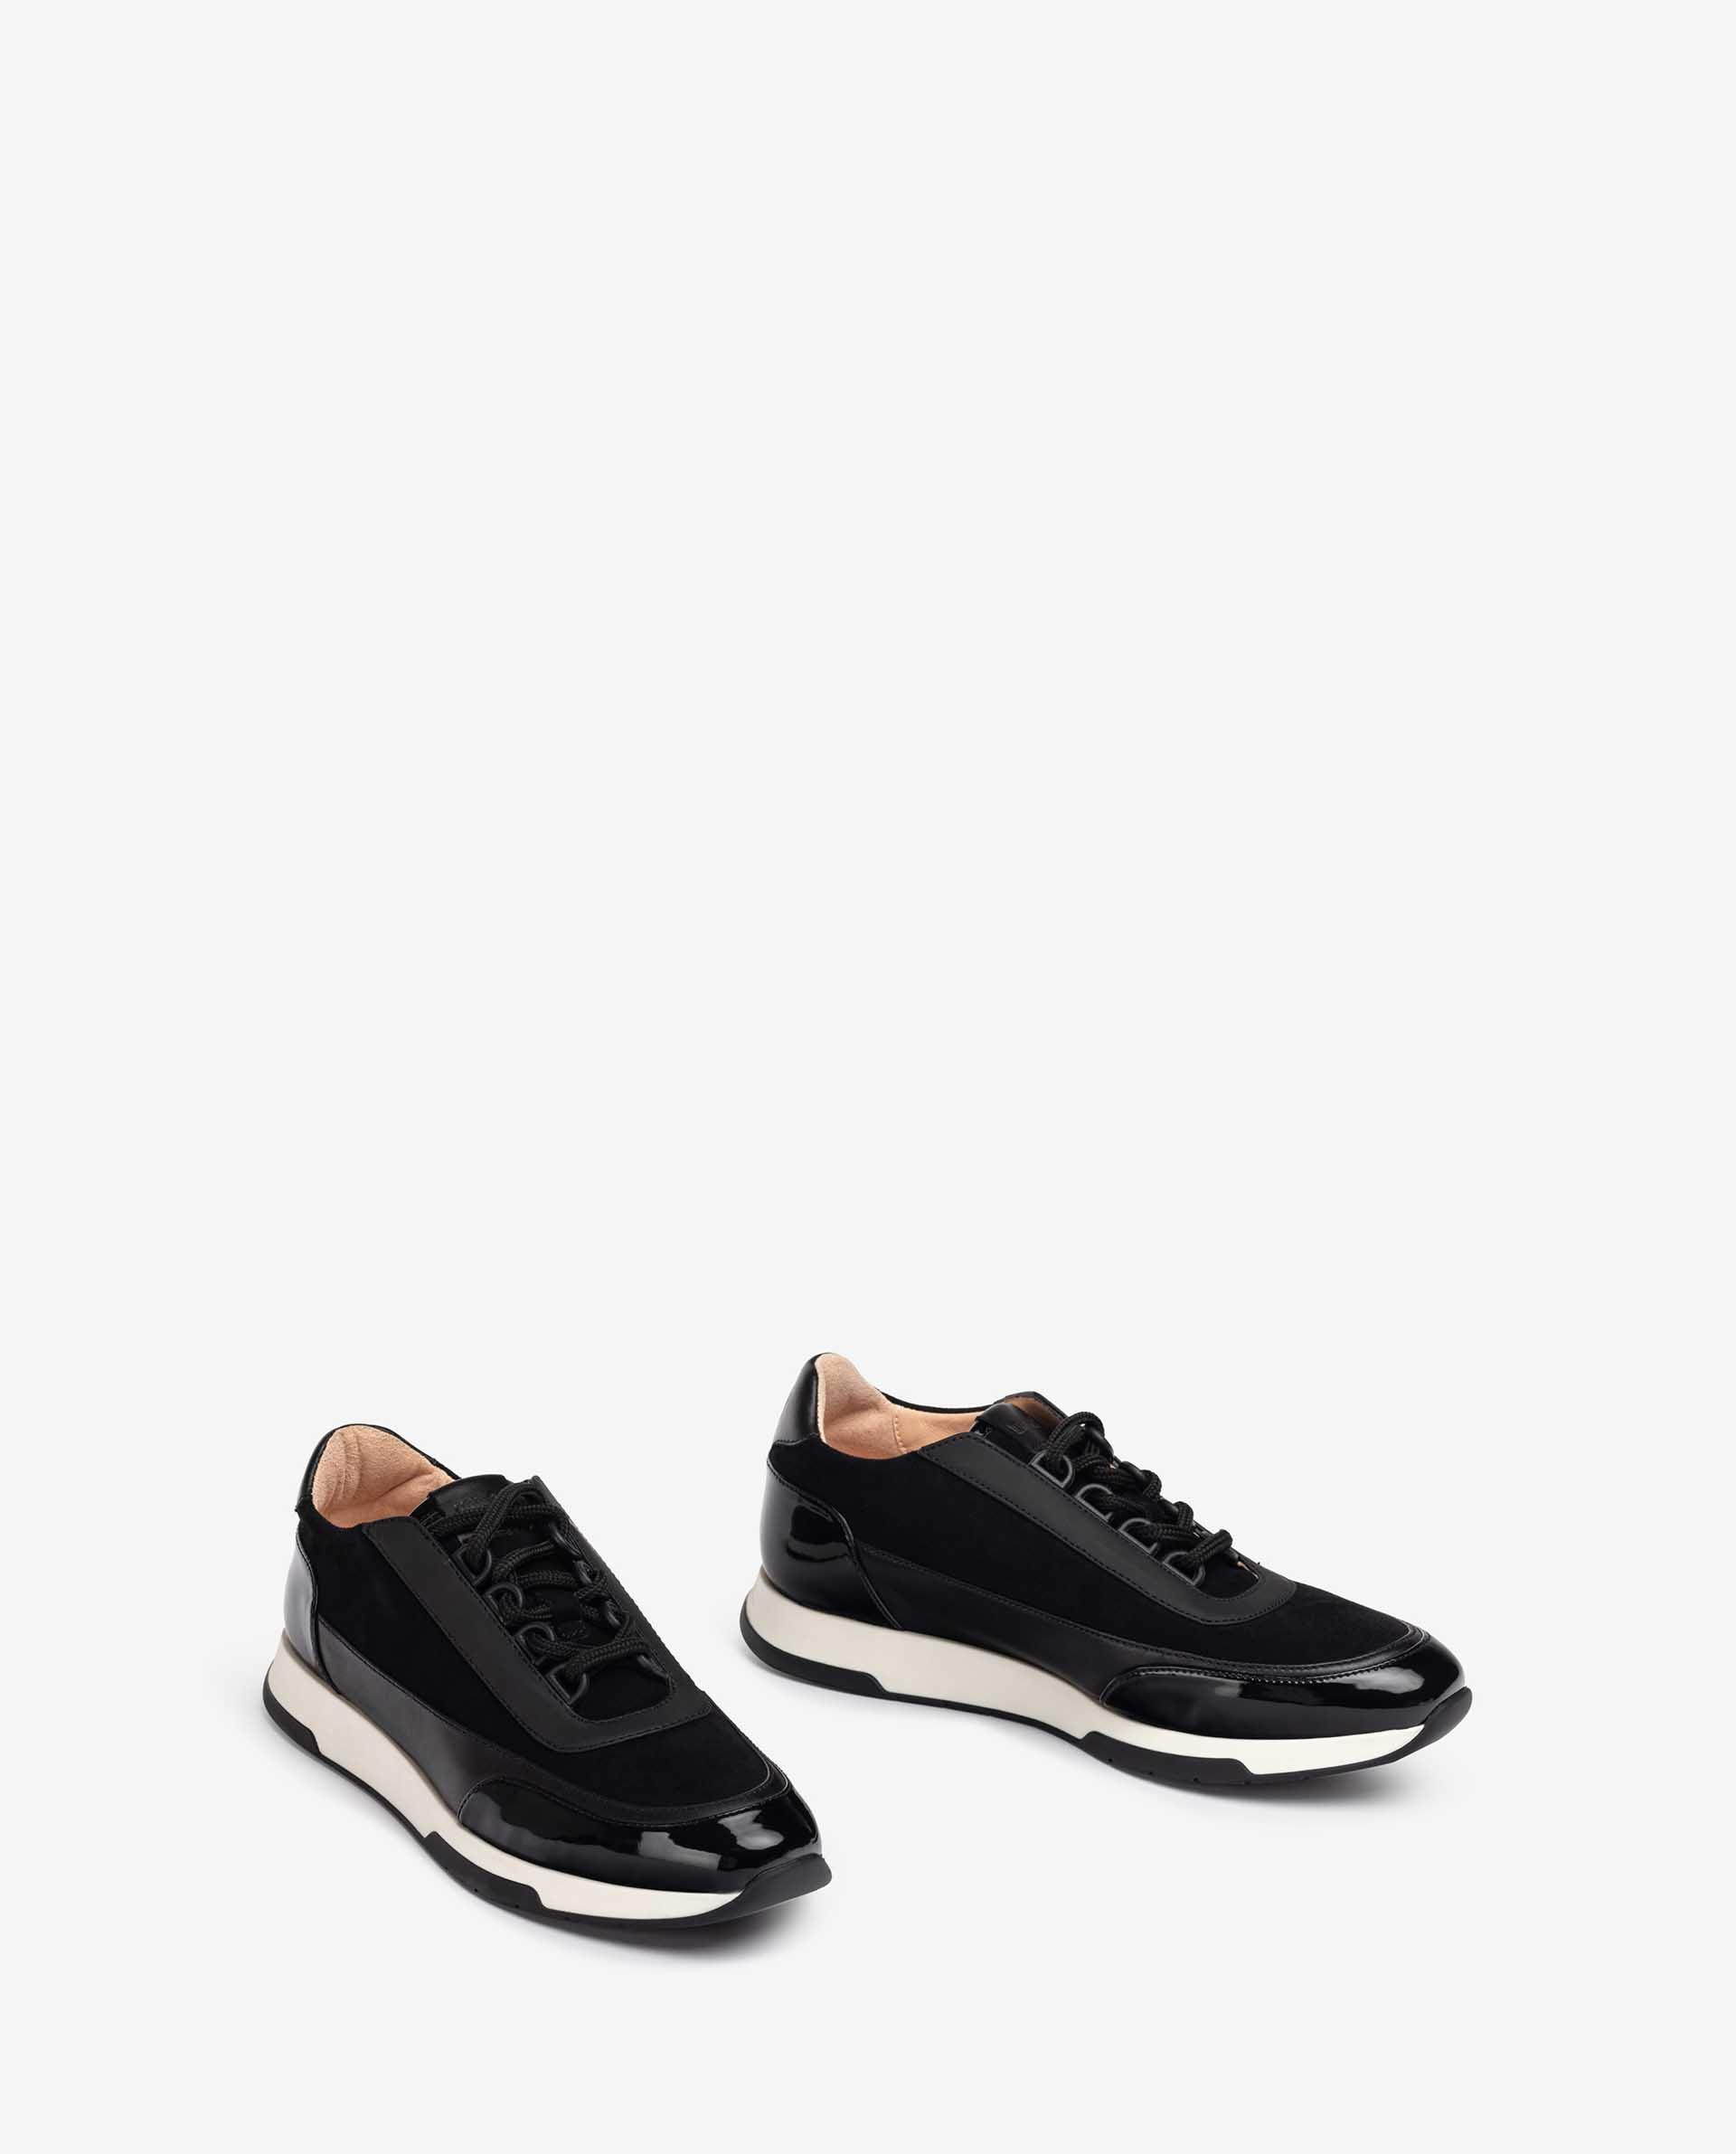 UNISA Wildleder-Sneaker mit Schnürbändern FATI_F21_KS 5